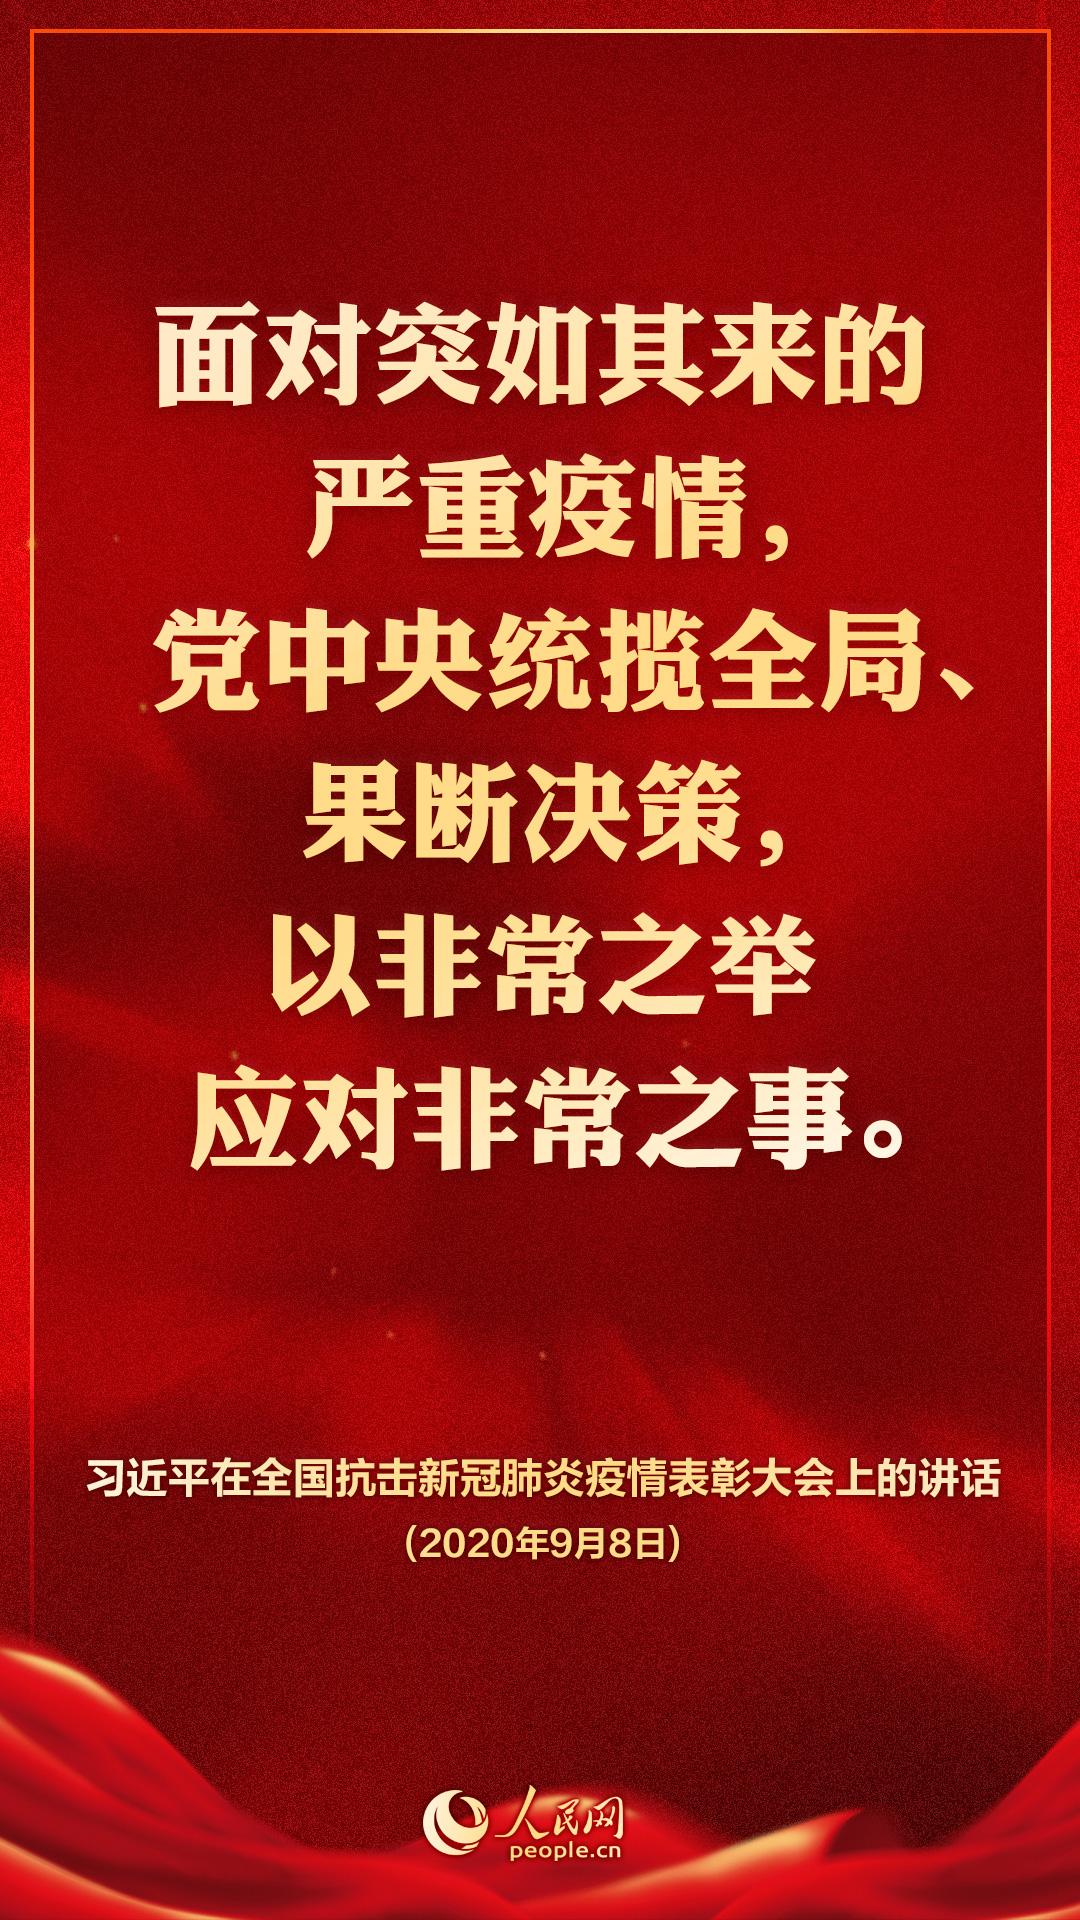 """海报 全国抗击新冠肺炎疫情夺取重大战略成果的""""制胜密码"""""""